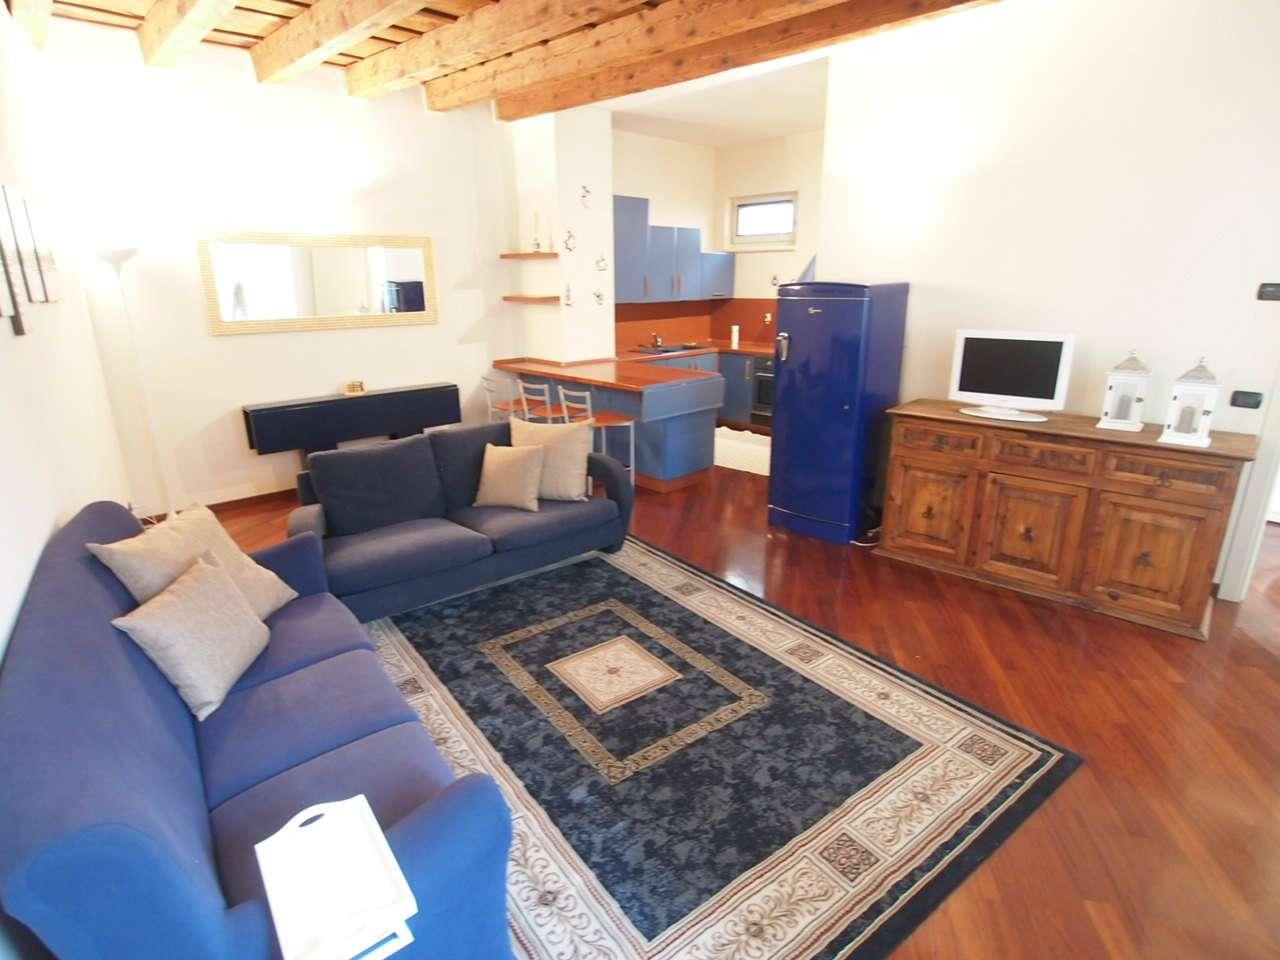 Appartamento in affitto a Verona, 3 locali, zona Zona: 1 . ZTL - Piazza Cittadella - San Zeno - Stadio, prezzo € 1.200 | CambioCasa.it